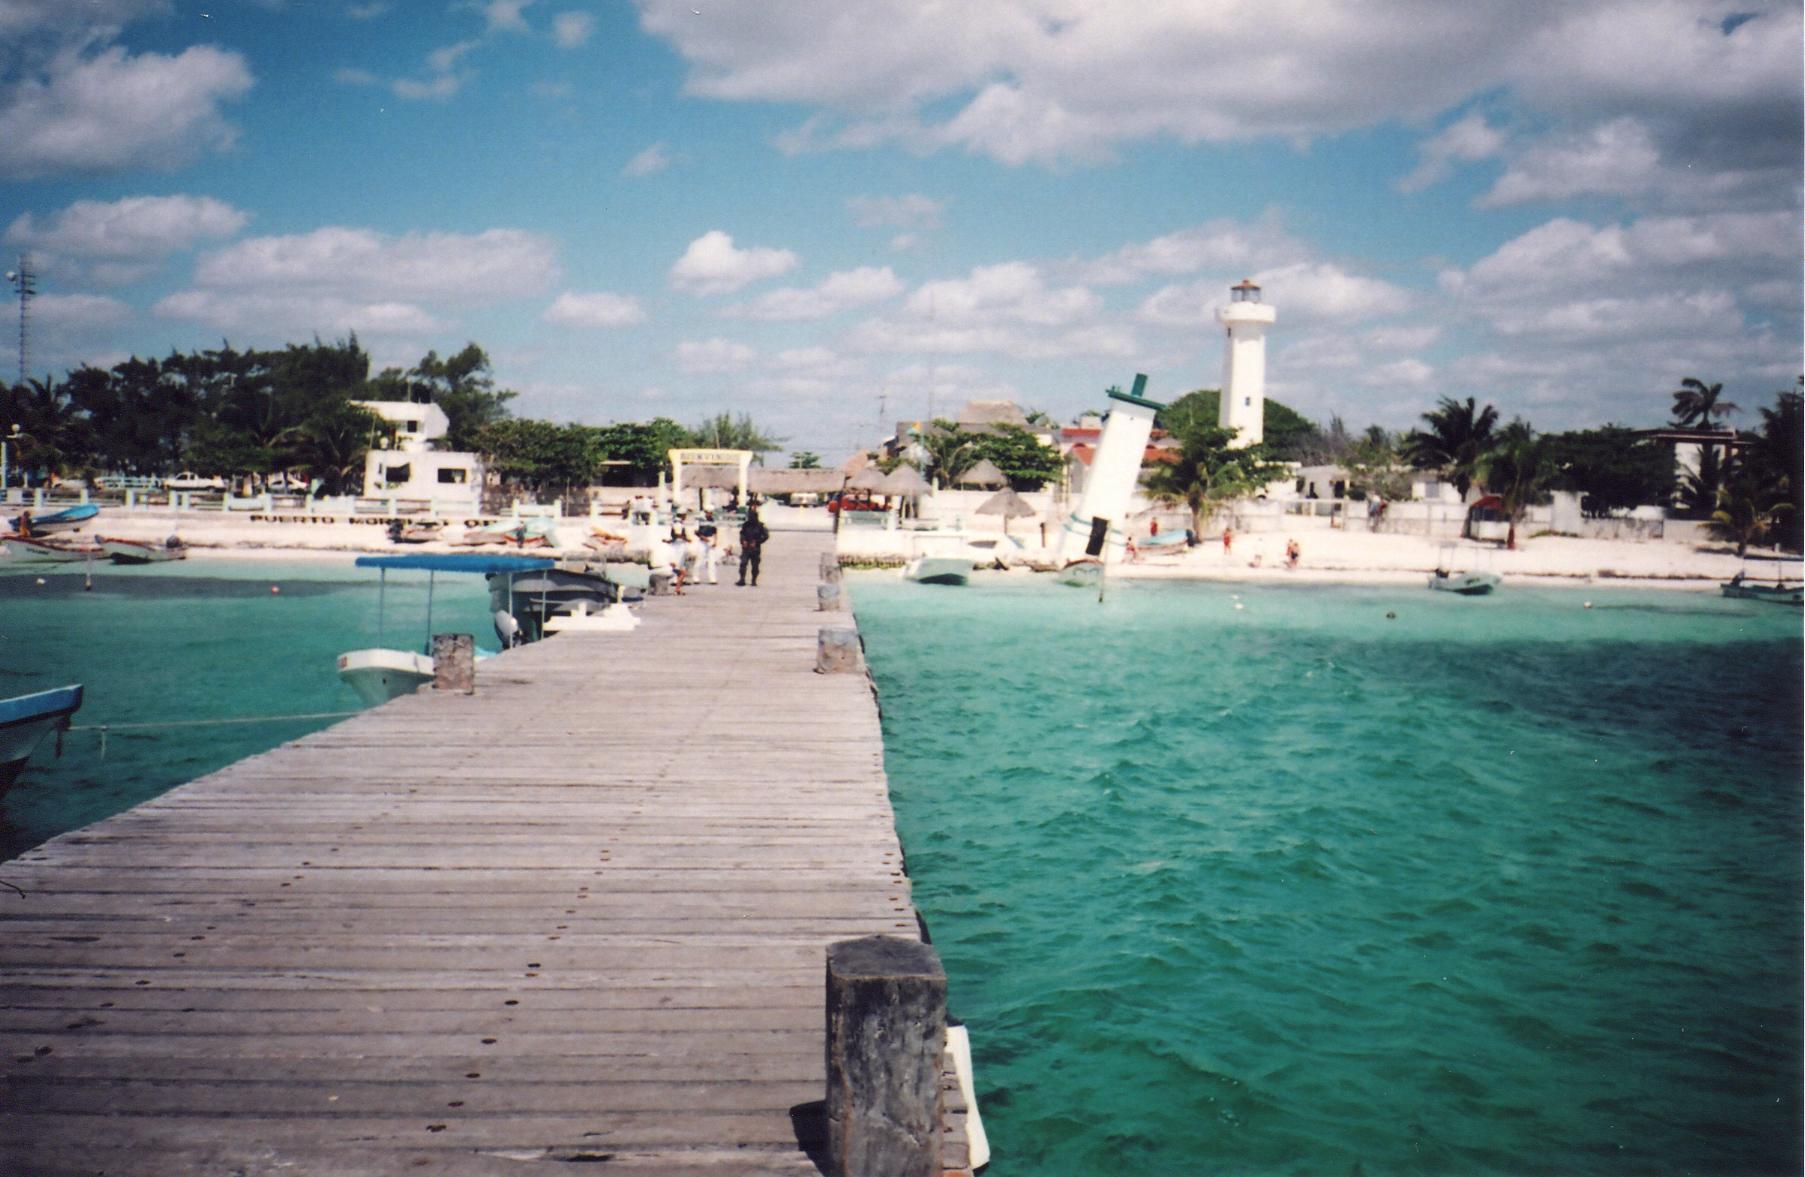 Las claras y azuladas aguas de Quintana Roo se hacen más exquisitas durante otoño.